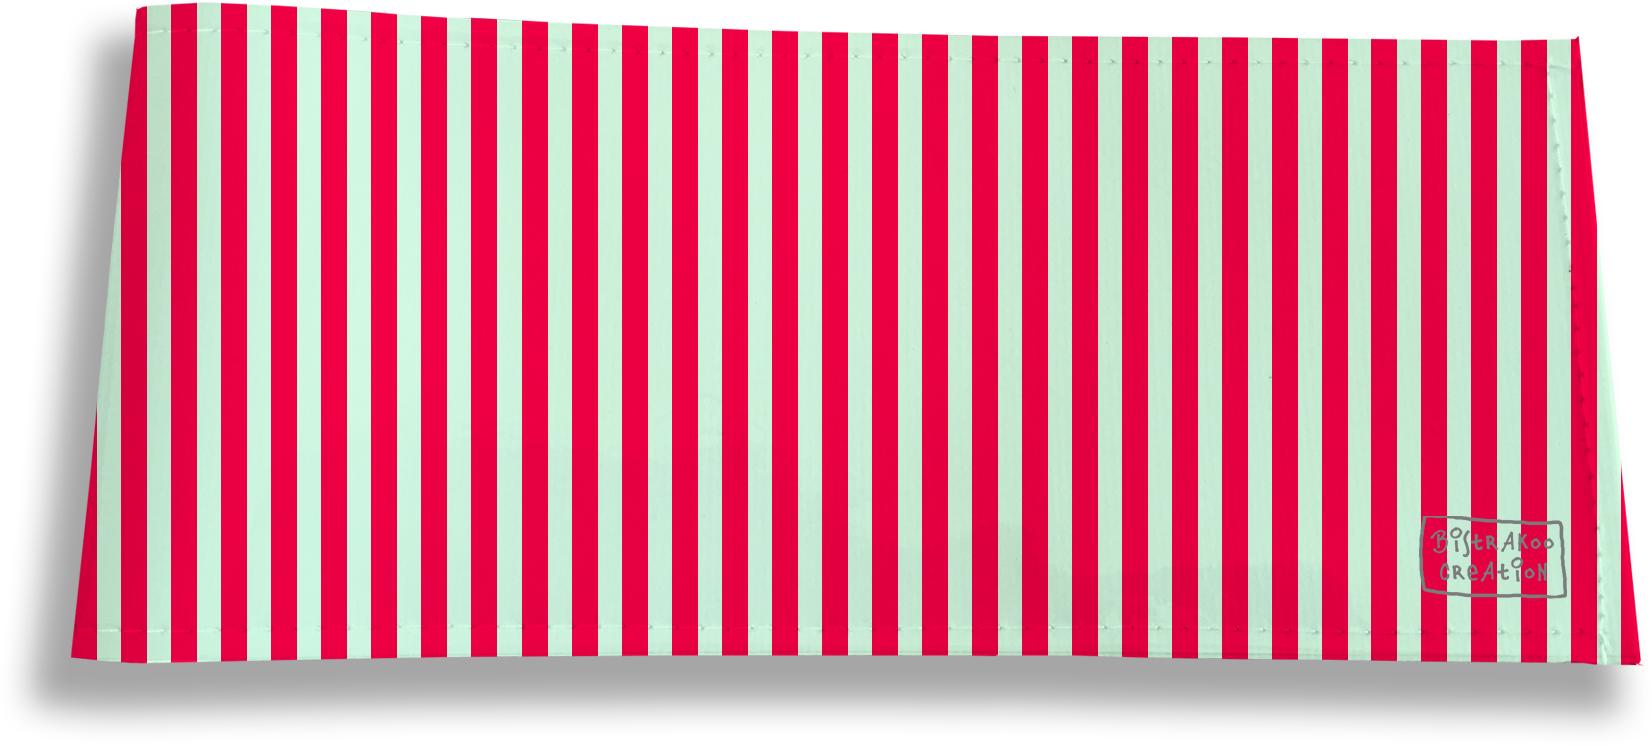 Porte-chéquier long horizontal motif Lignes verticales rouges 2384